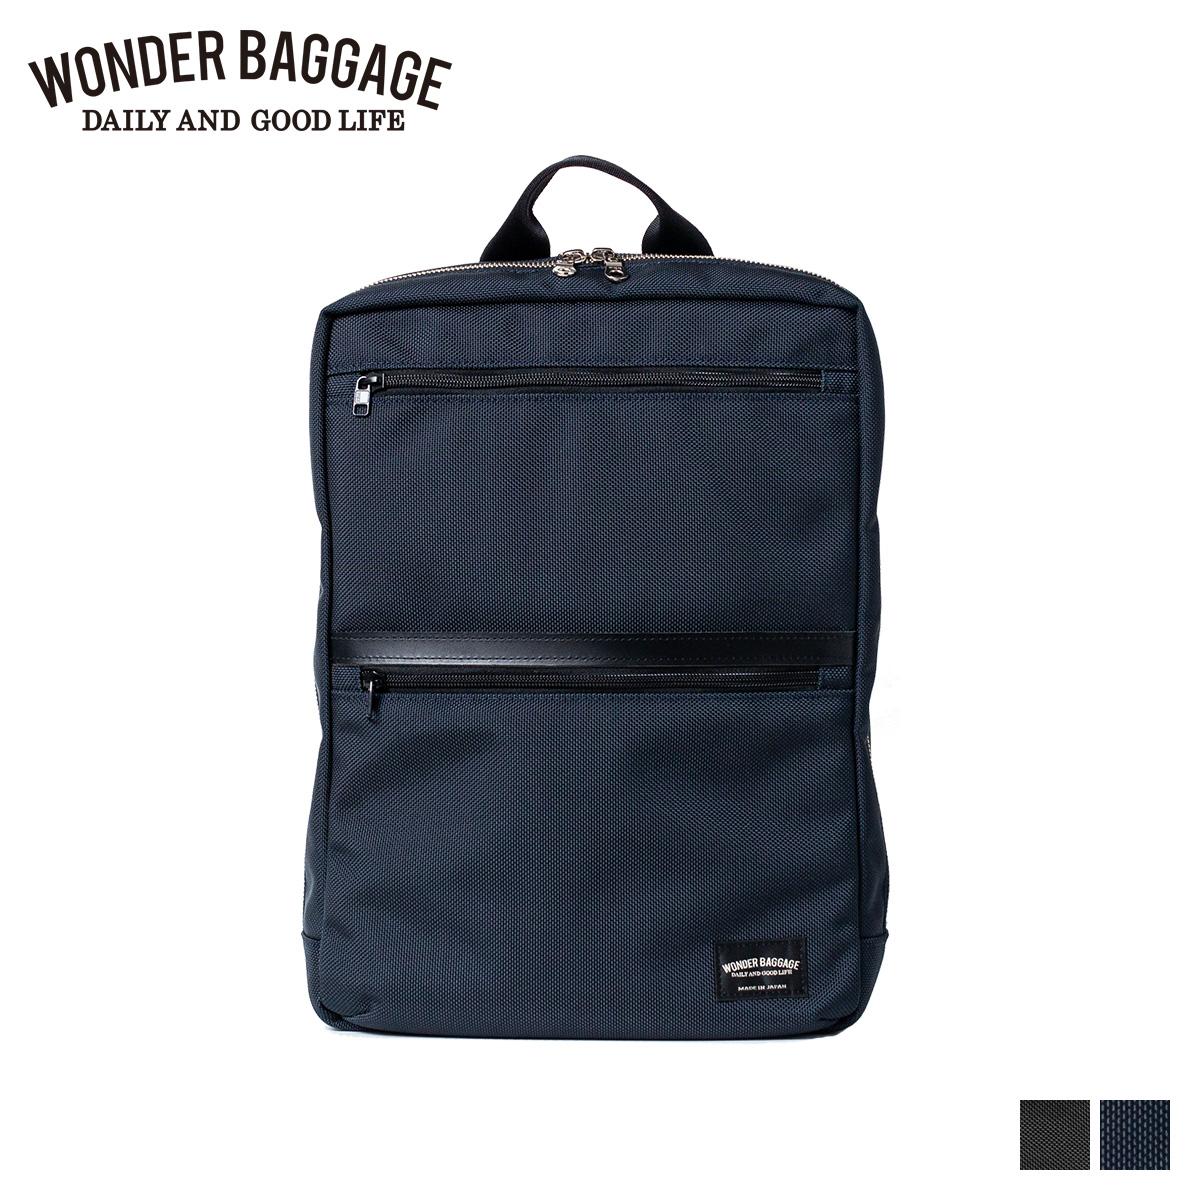 【海外輸入】 WONDER BAGGAGE GOODMANS SLIM SACK ワンダーバゲージ リュック バッグ バックパック メンズ レディース 9L ブラック ネイビー 黒 WB-G-025, モロドミチョウ 2658a40b